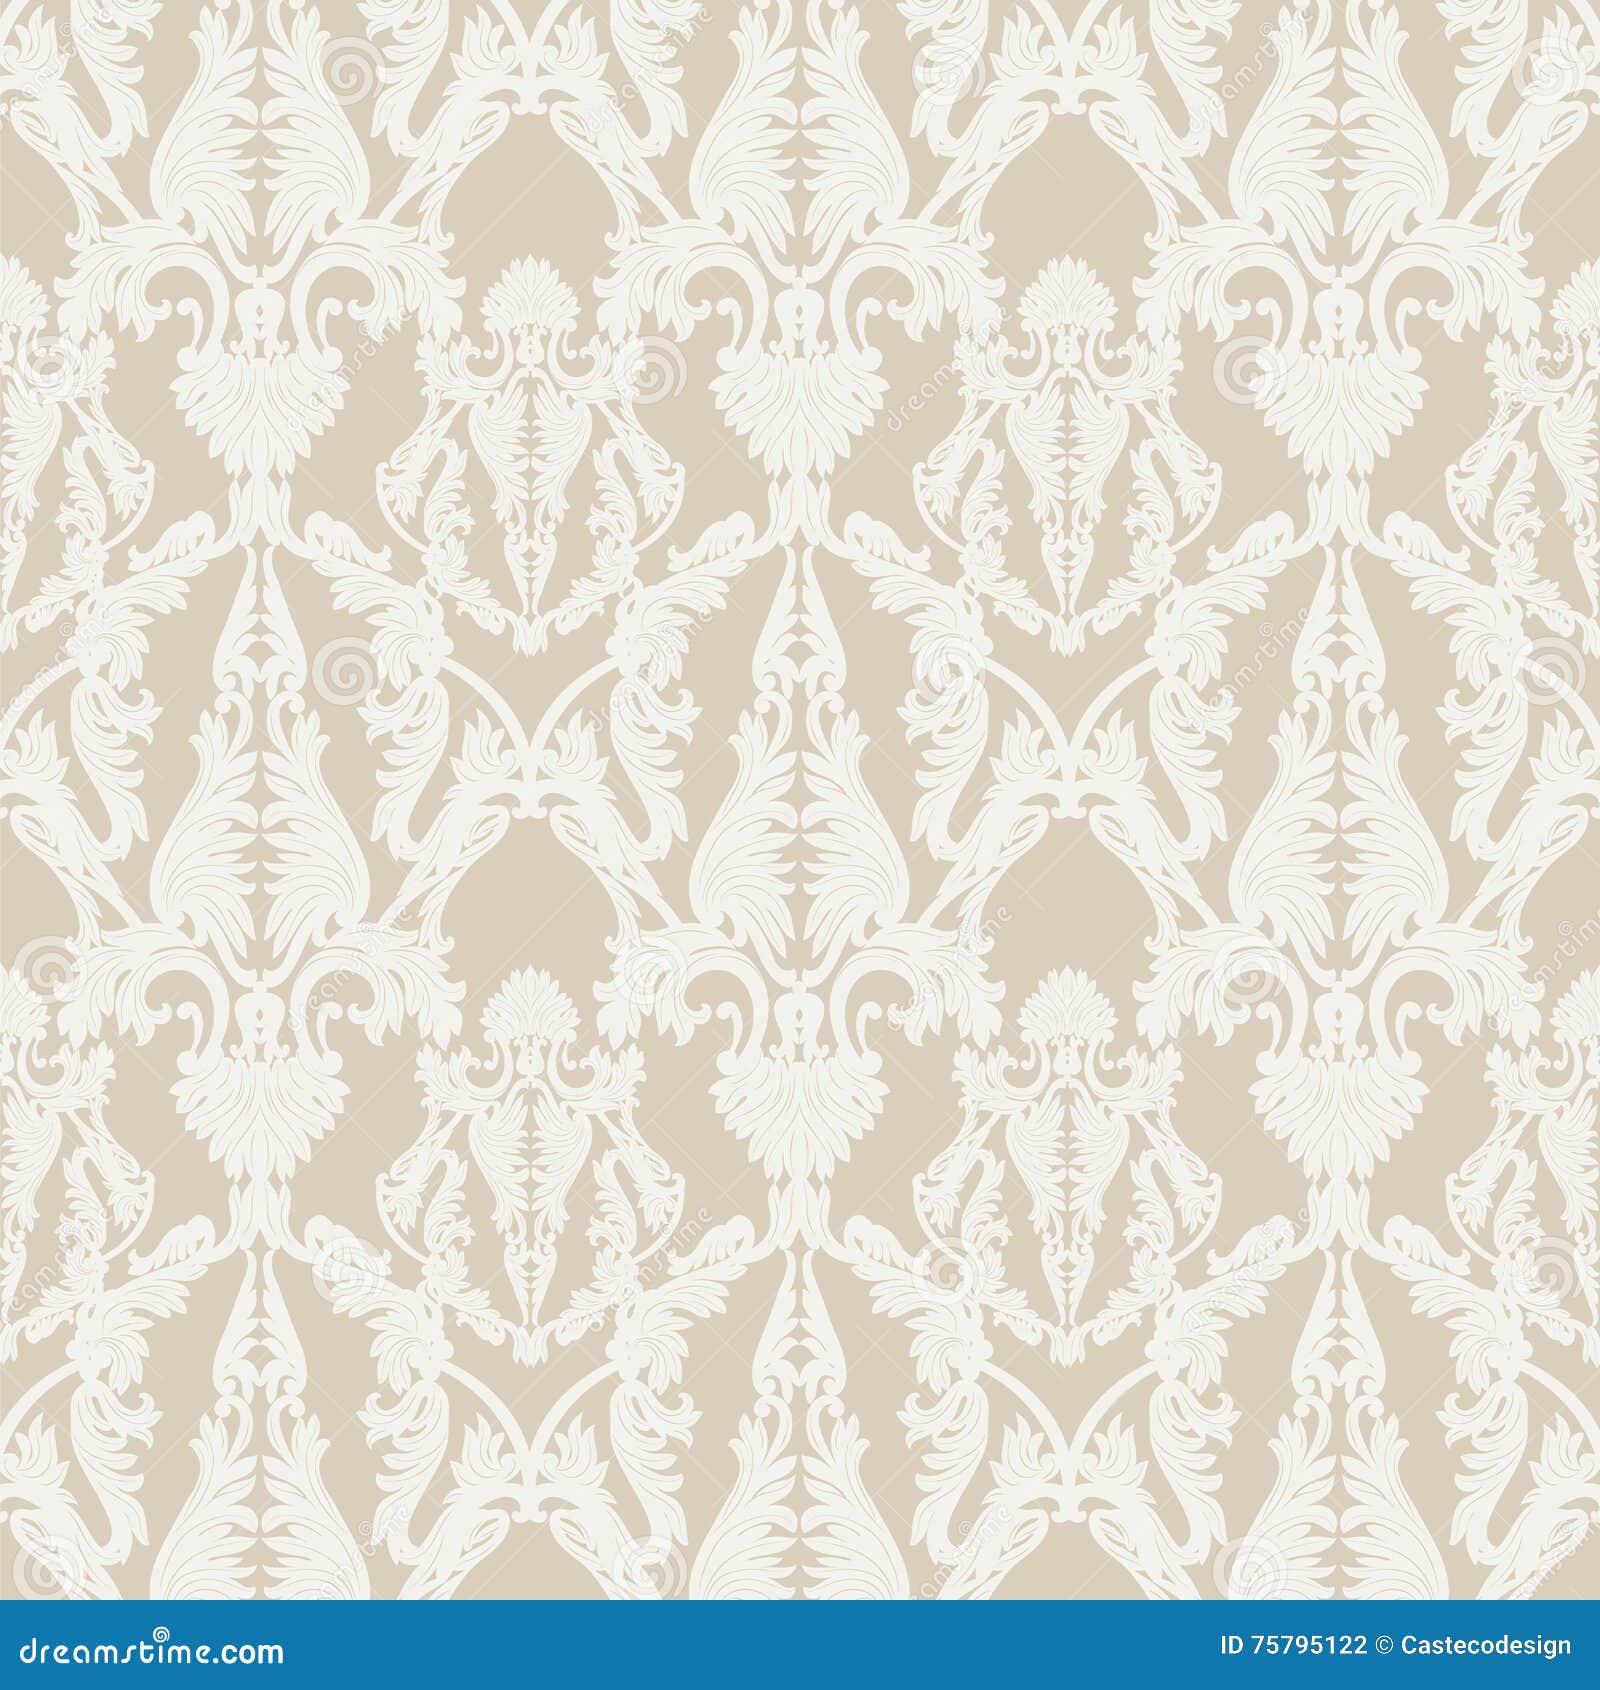 rococo motif vintage floral - photo #23